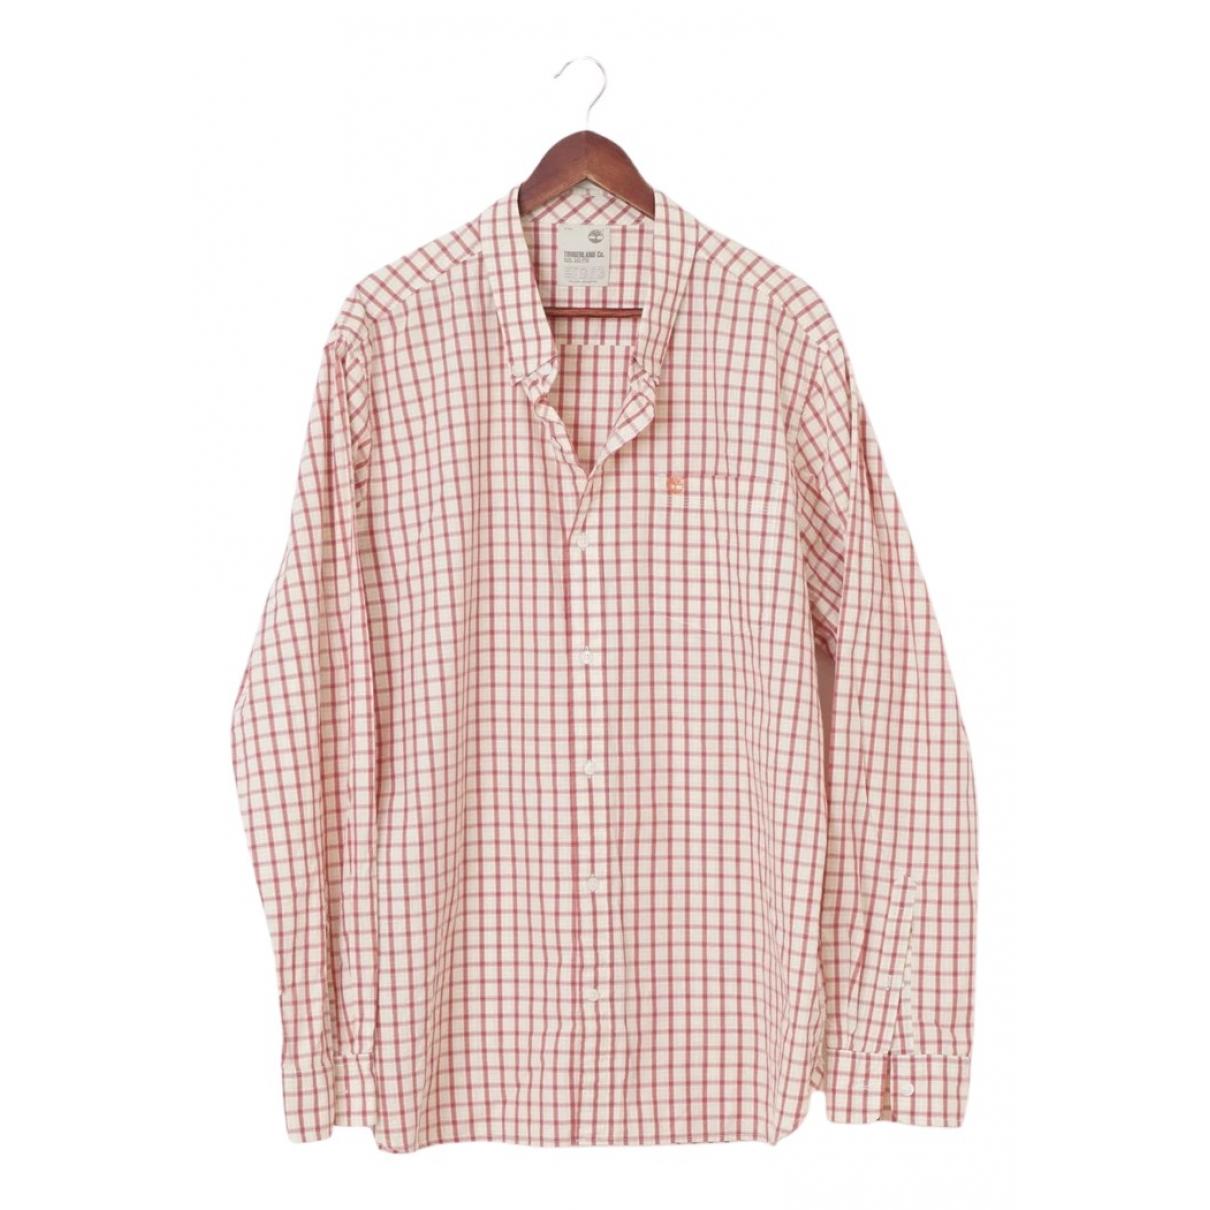 Timberland - Chemises   pour homme en coton - blanc